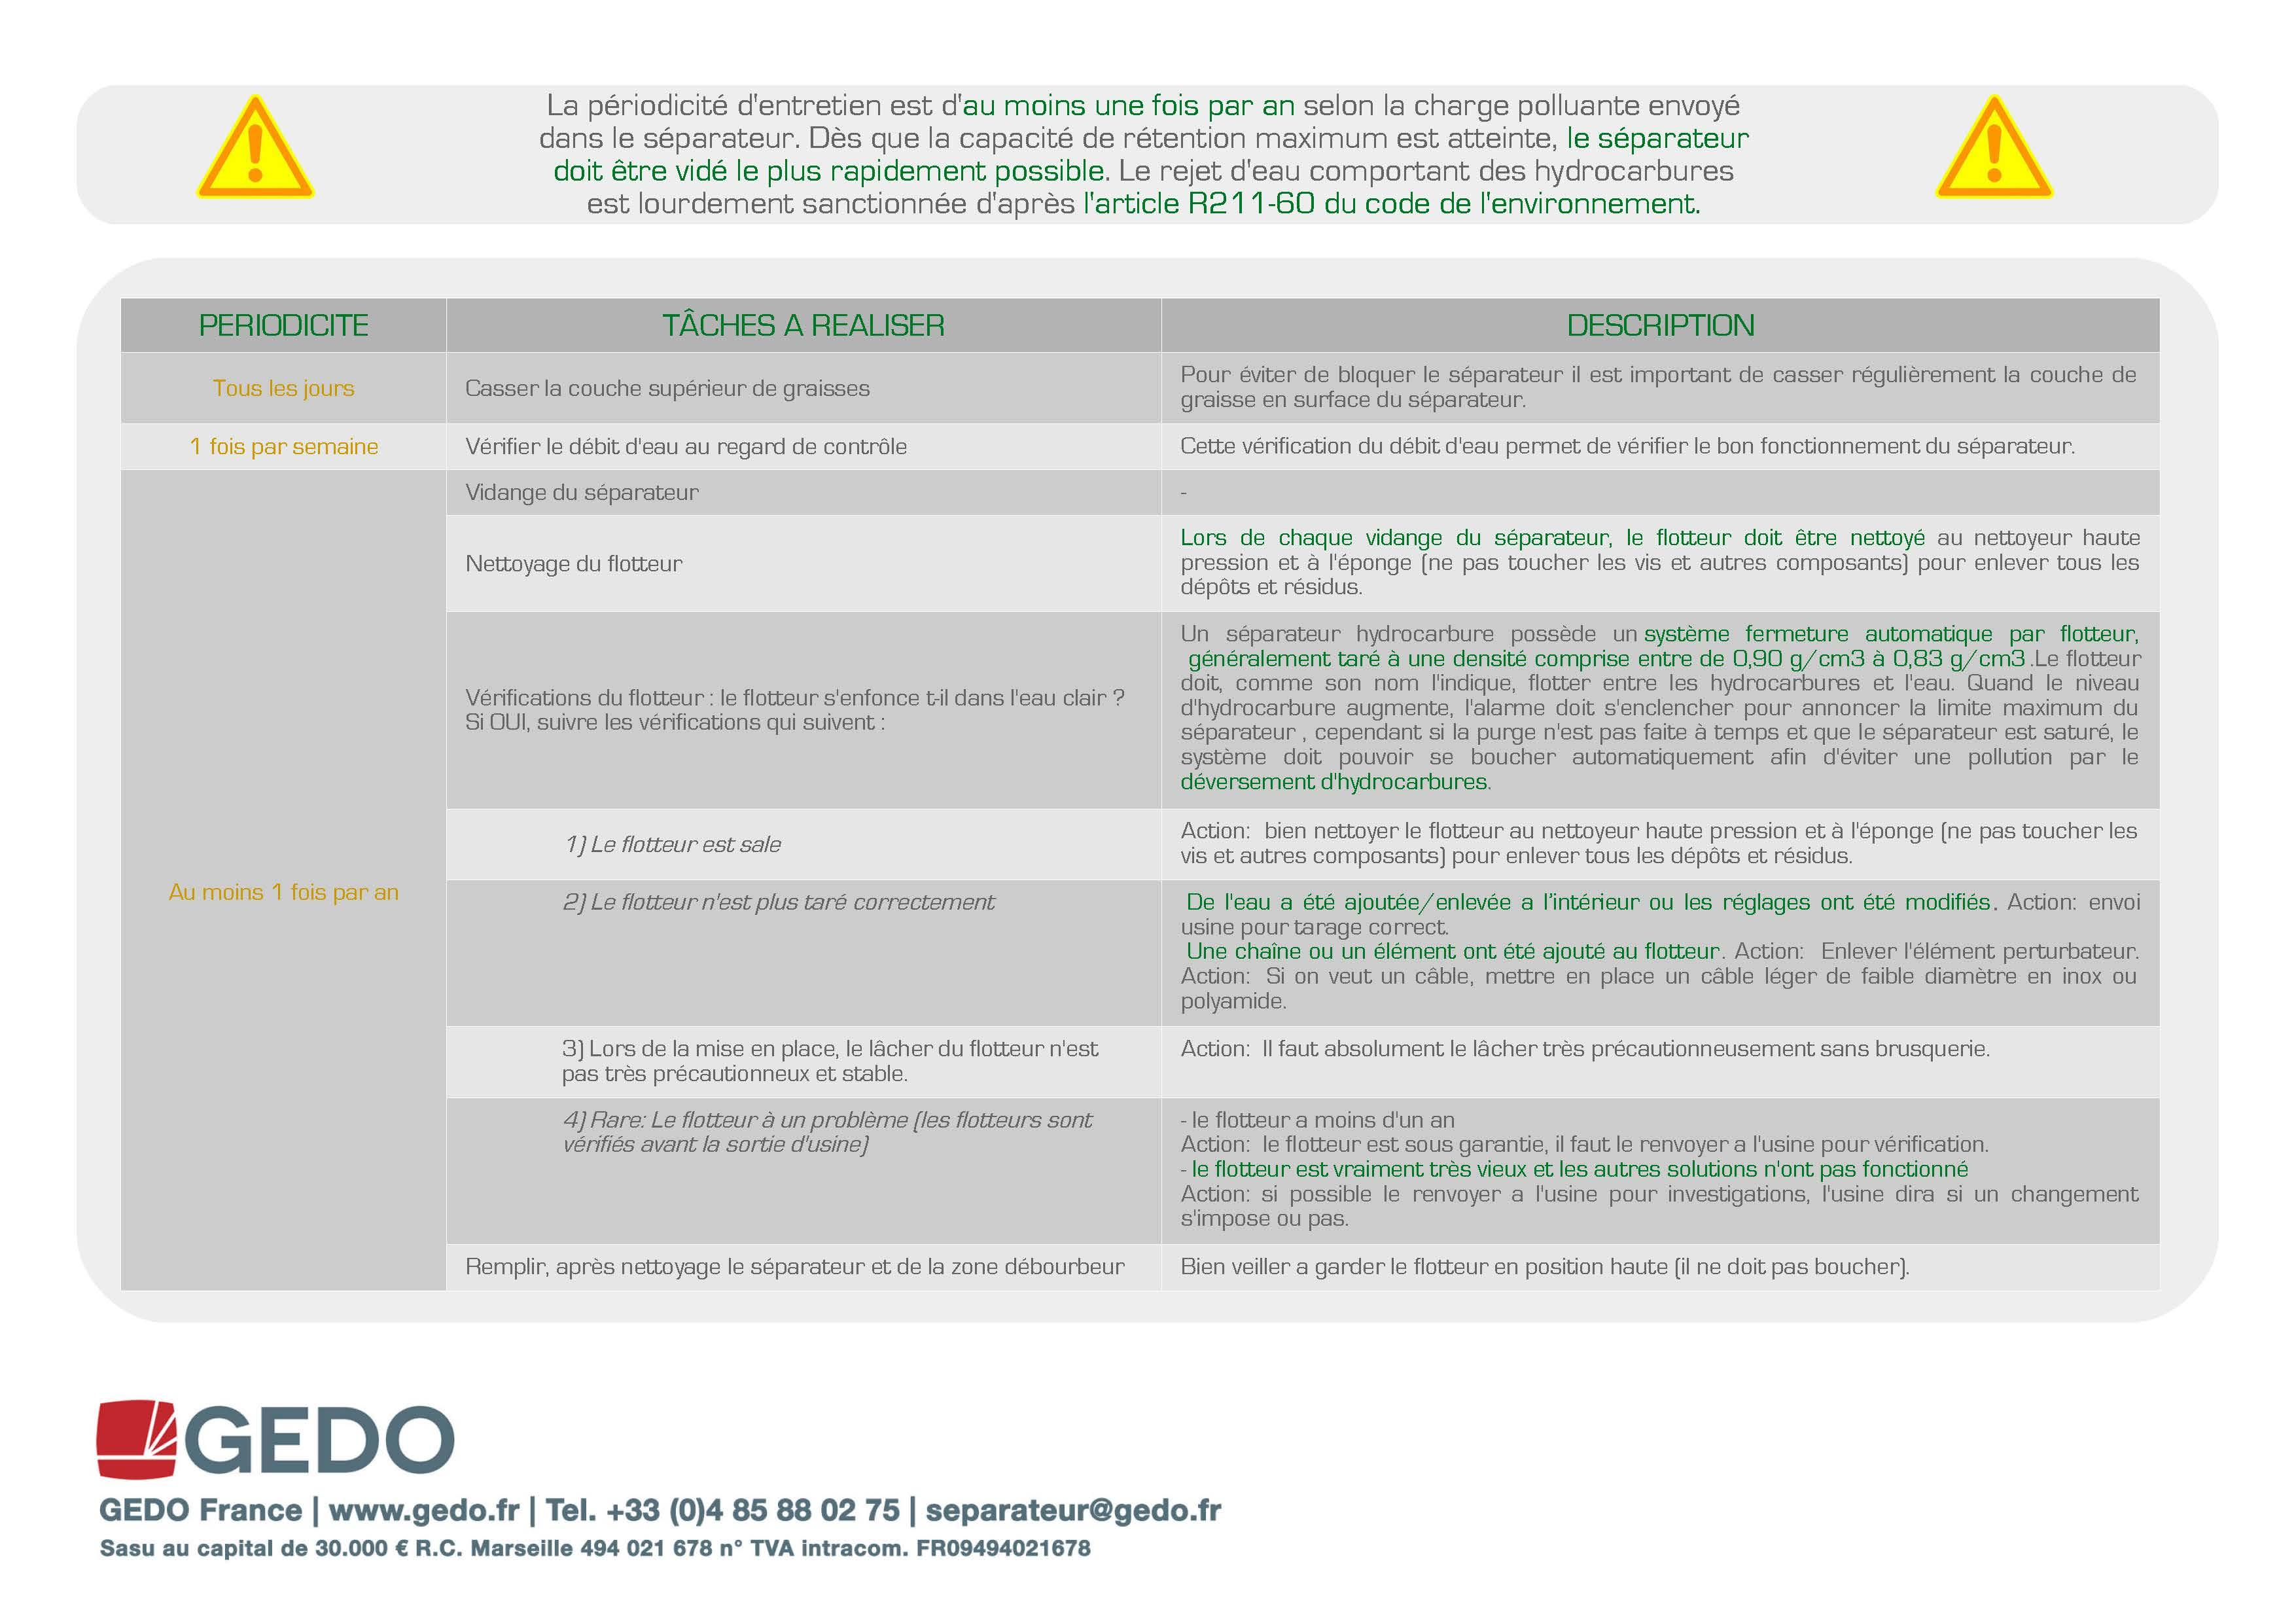 Gedo-carnet-entretien-sc3a9parateur-graisses-img_Page_2